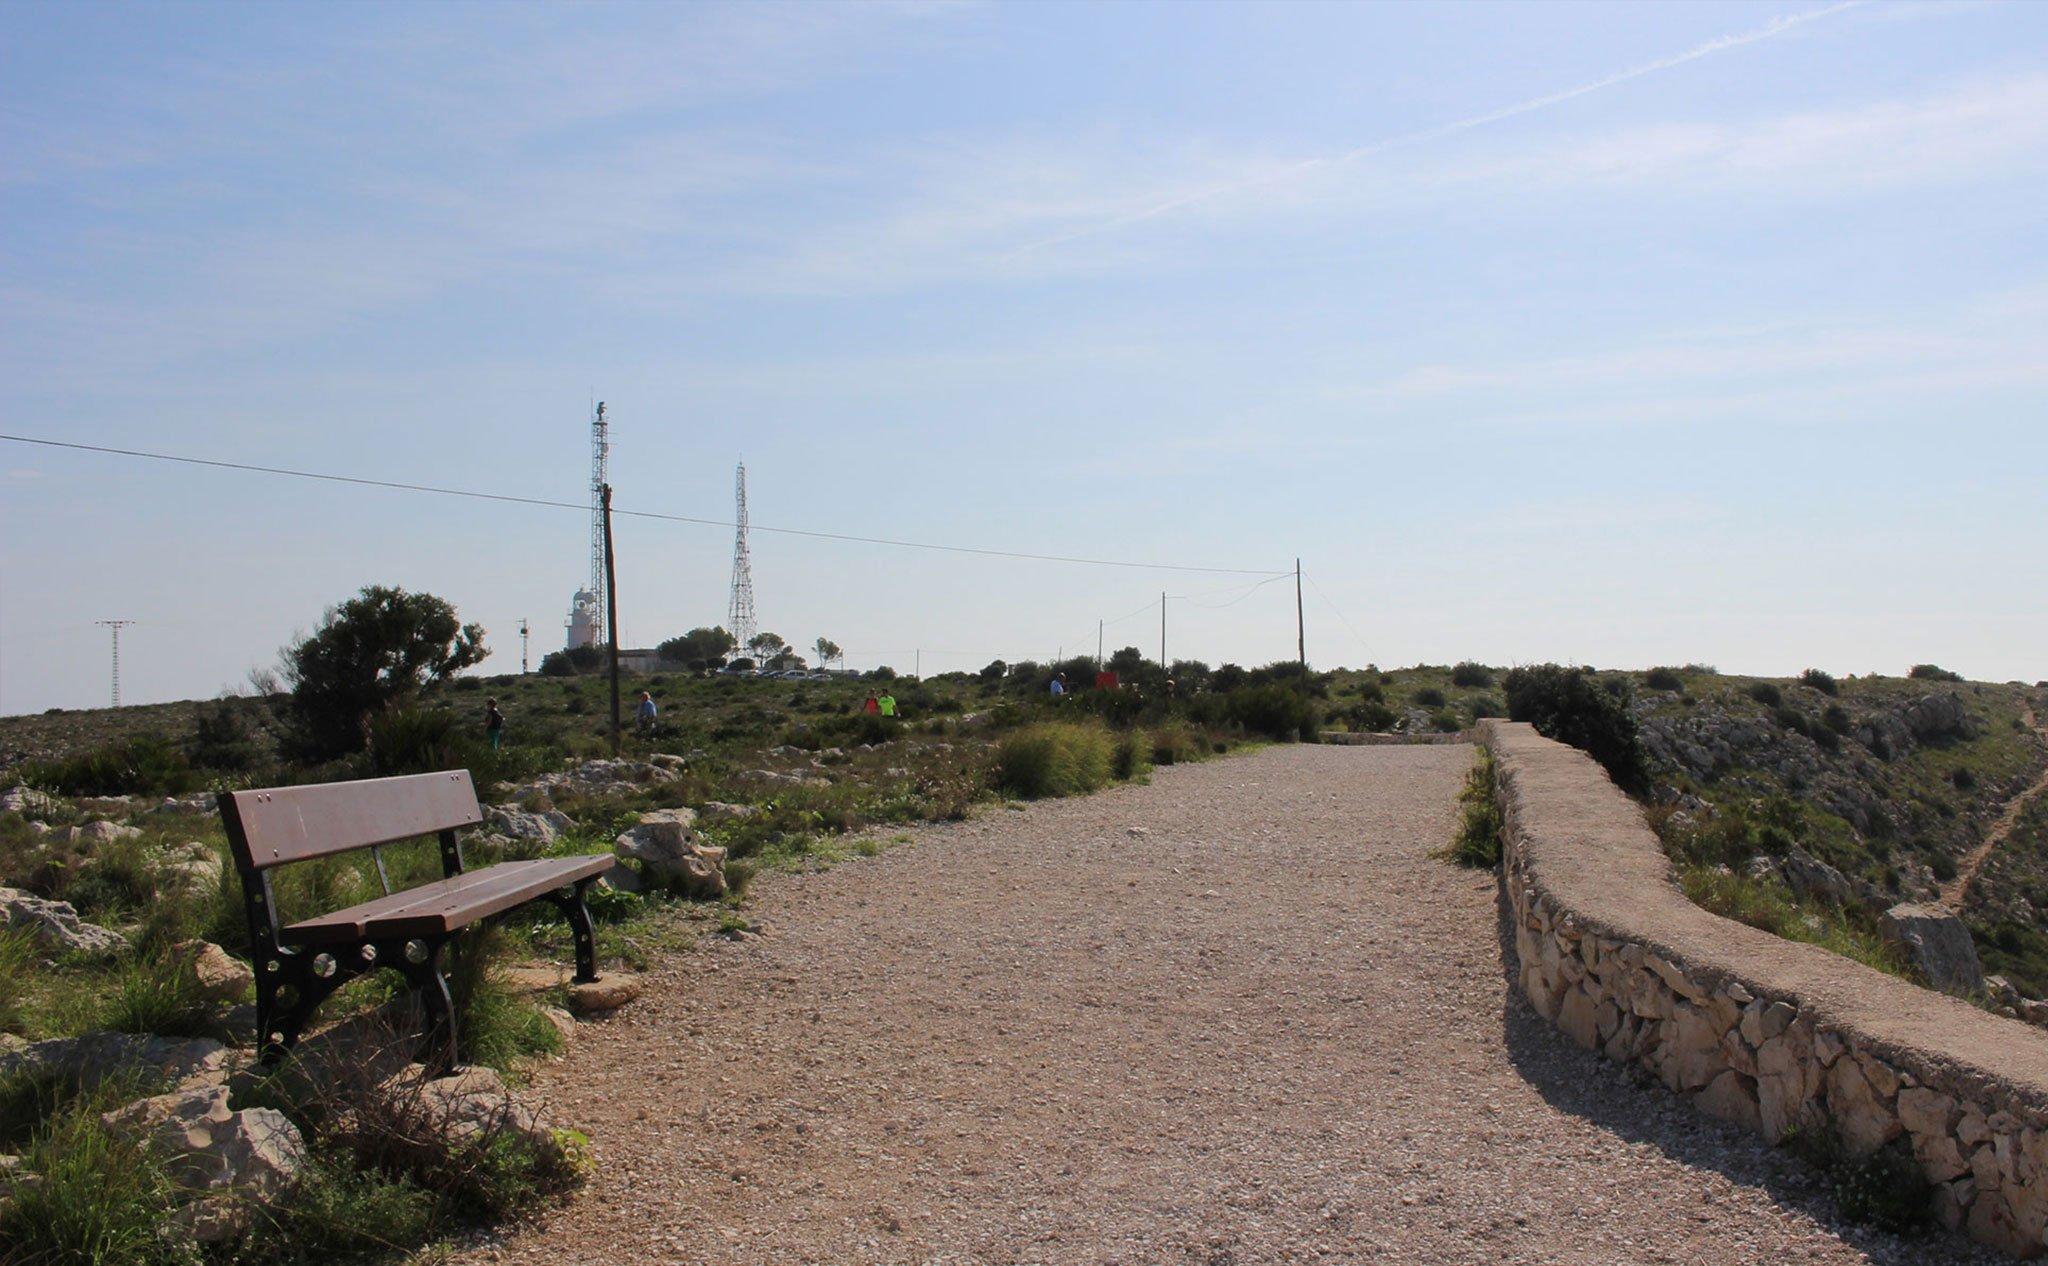 Mirador del Cap de Sant Antoni con el faro al fondo y la senda hacia el puerto de Jávea a la derecha